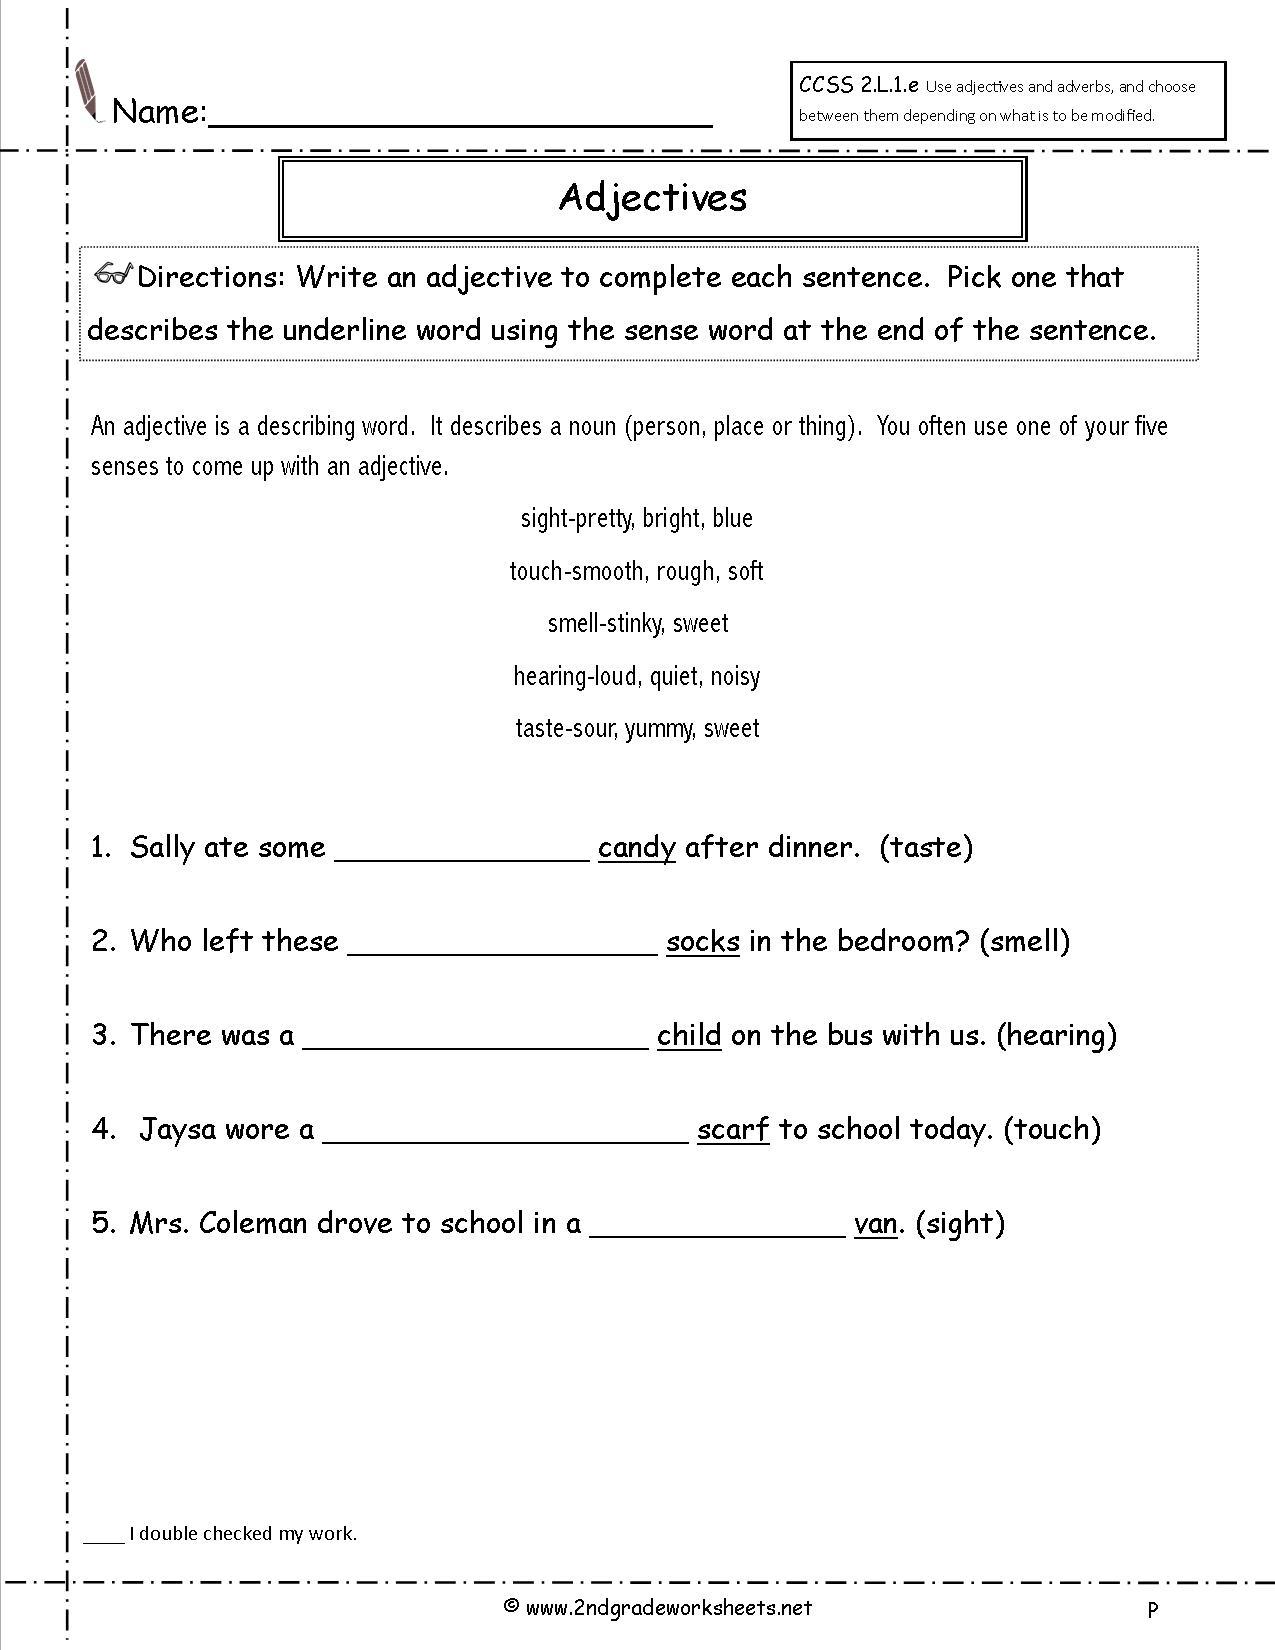 Worksheet On Adjectives Grade 7